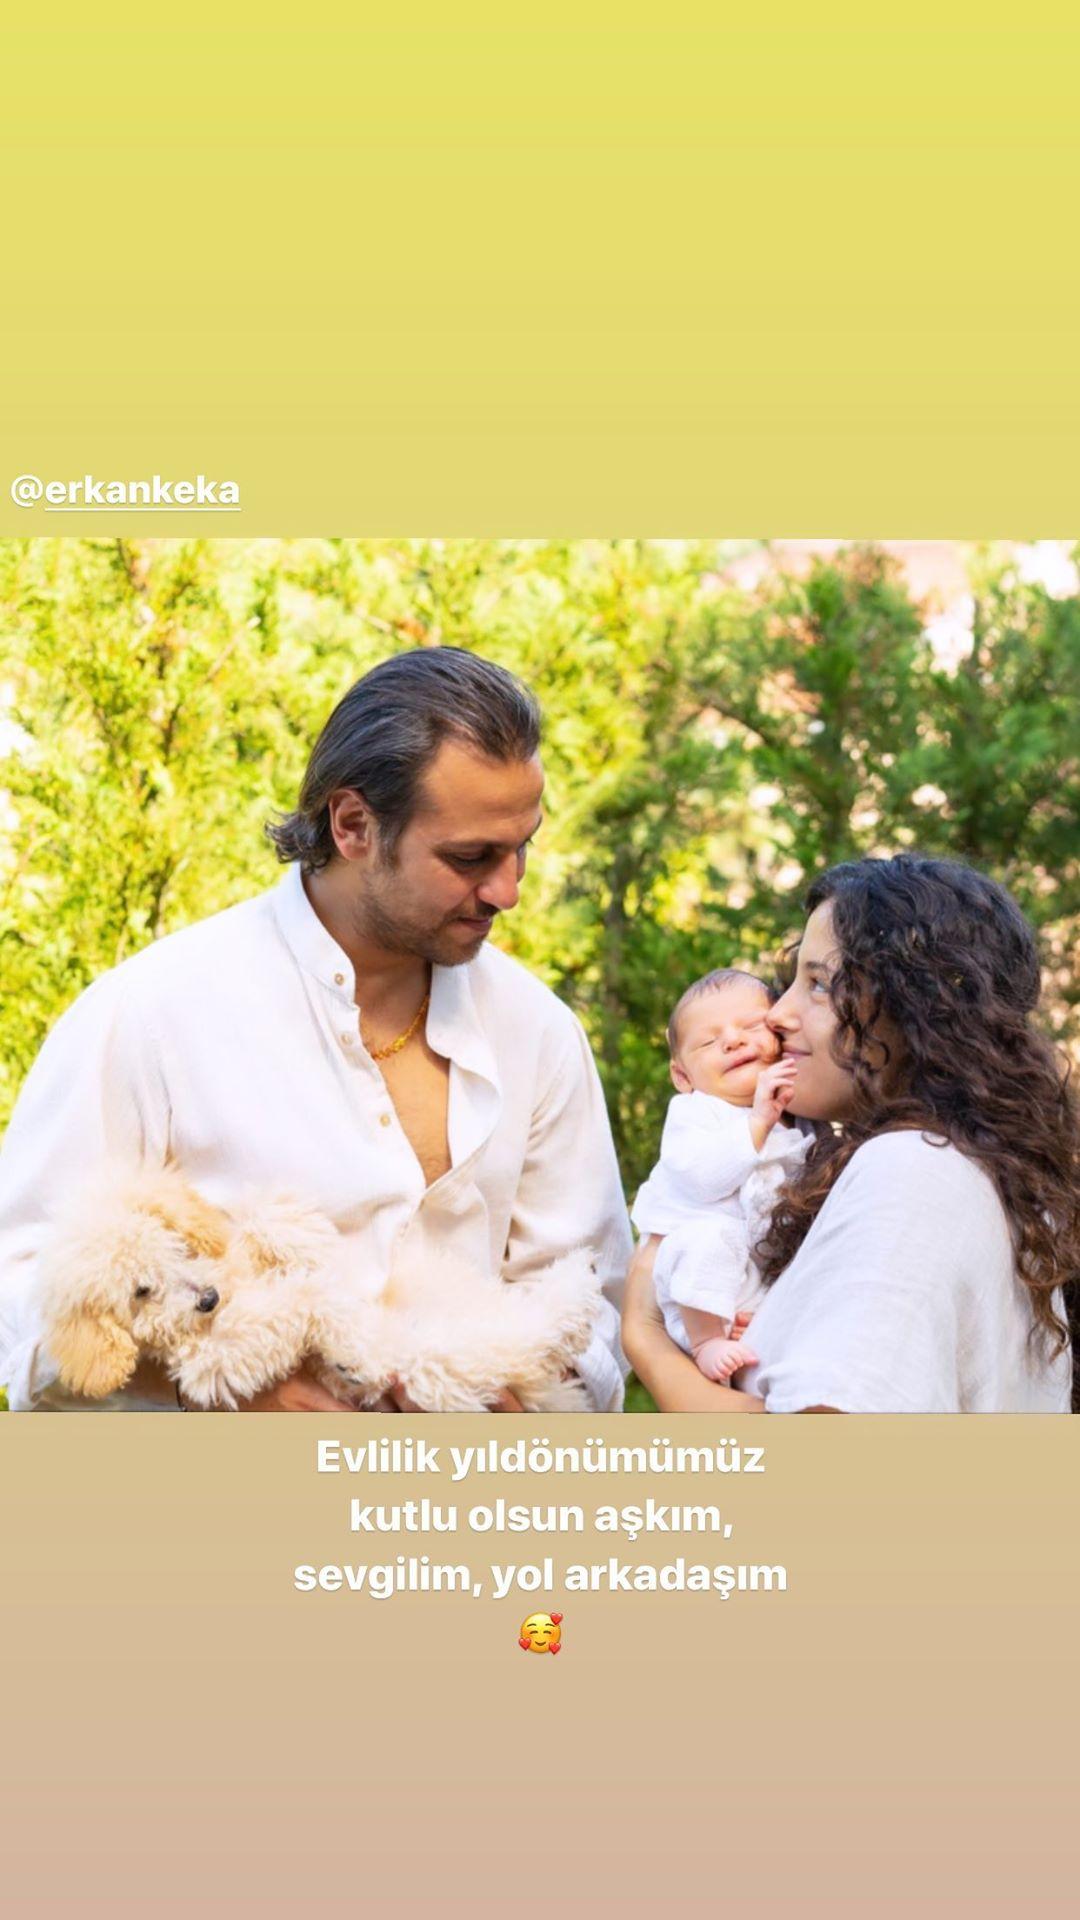 Cansu Tosun dan evlilik yıl dönümü paylaşımı #1